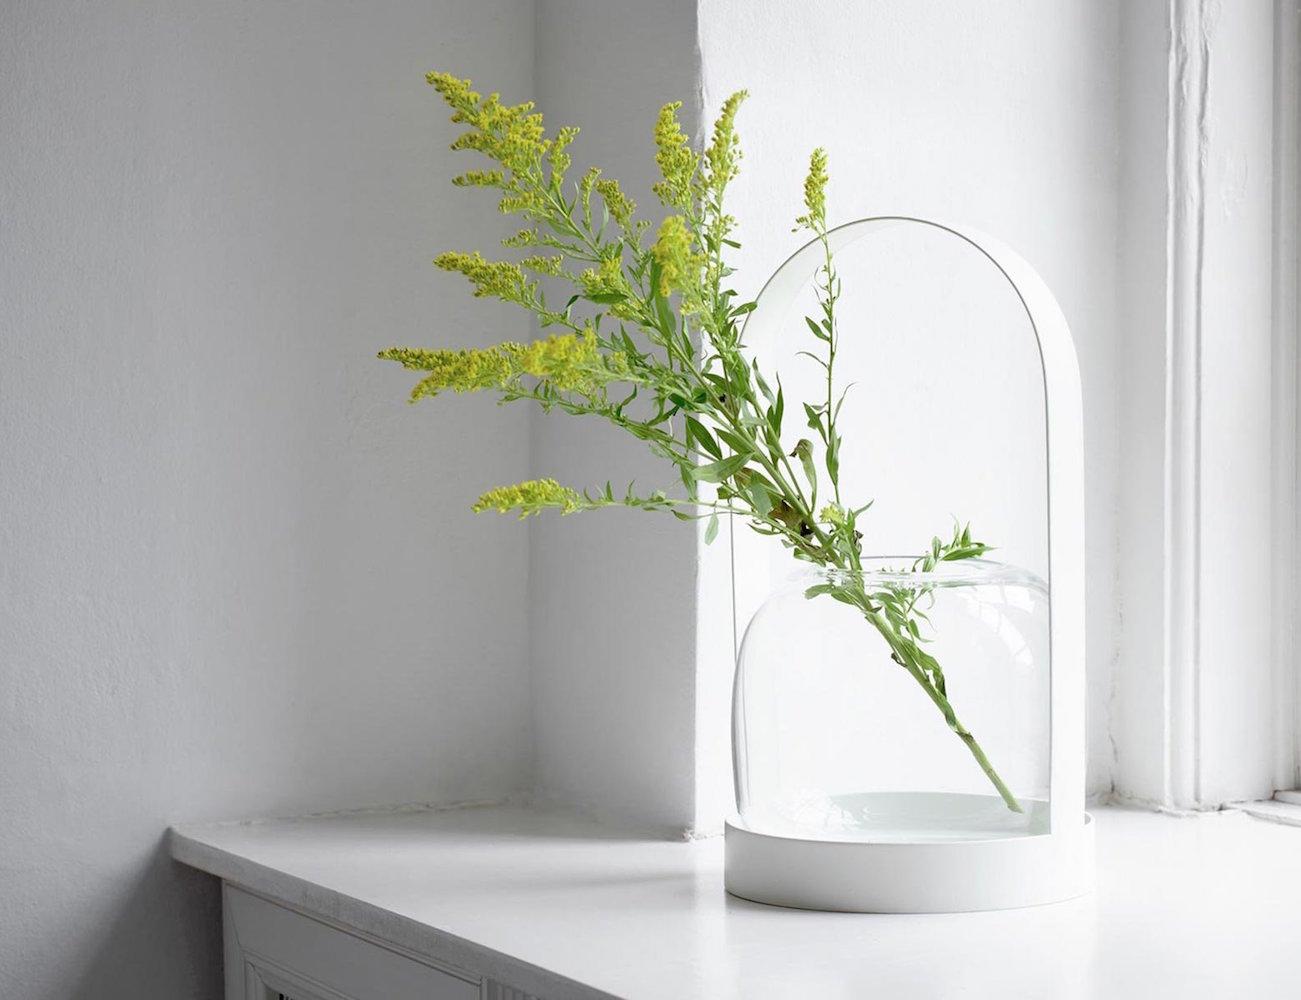 Carrie Vase – Classic Lantern Like Design